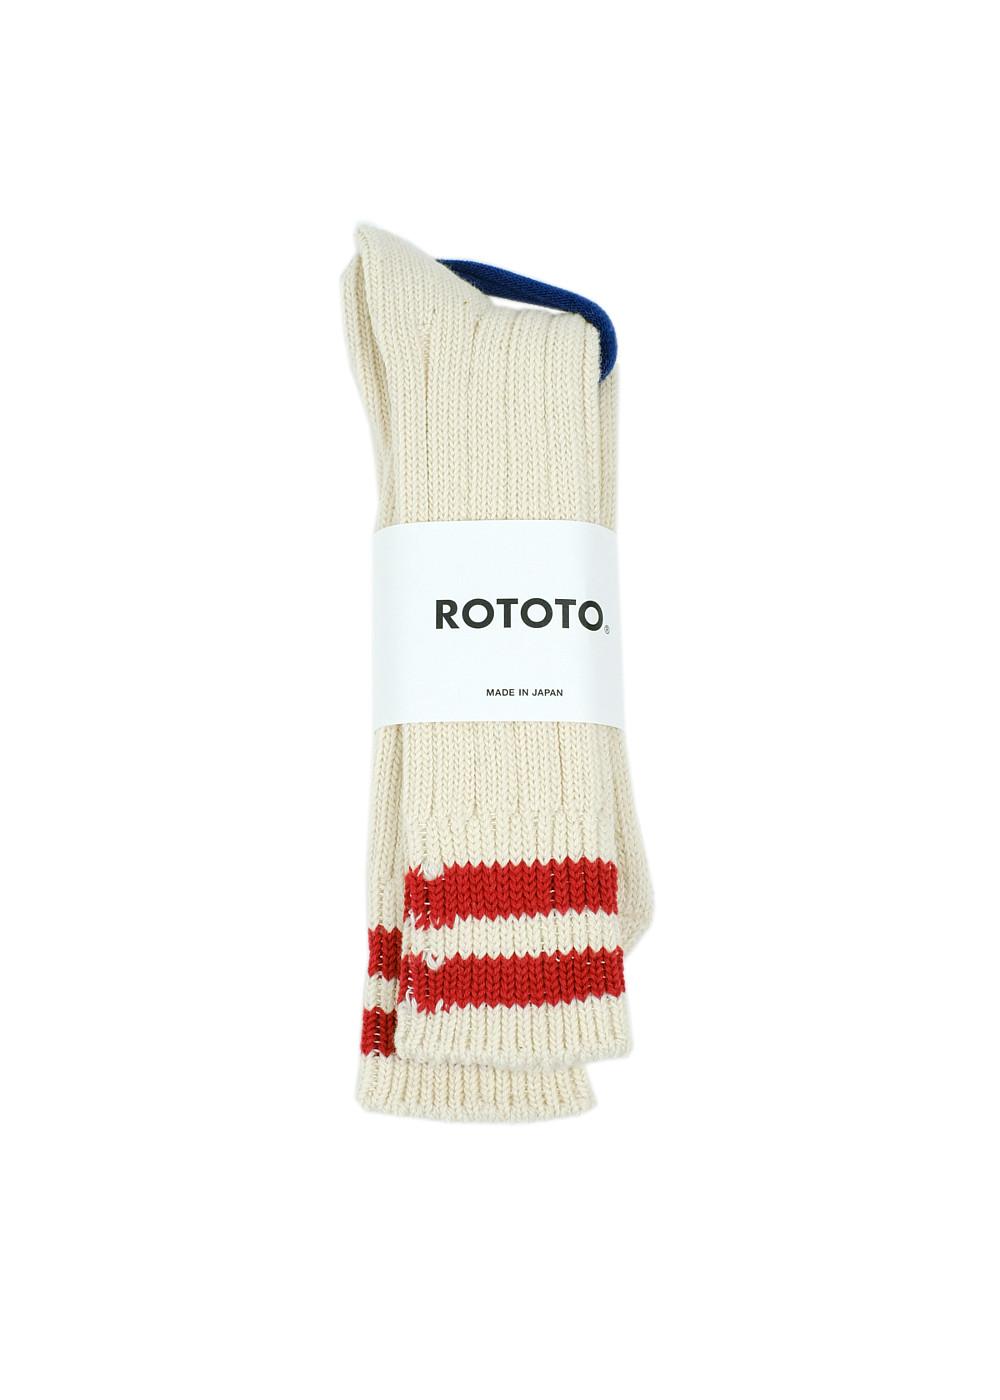 Rototo-LowRawSocks-2 Stripes-Ecru-Red1